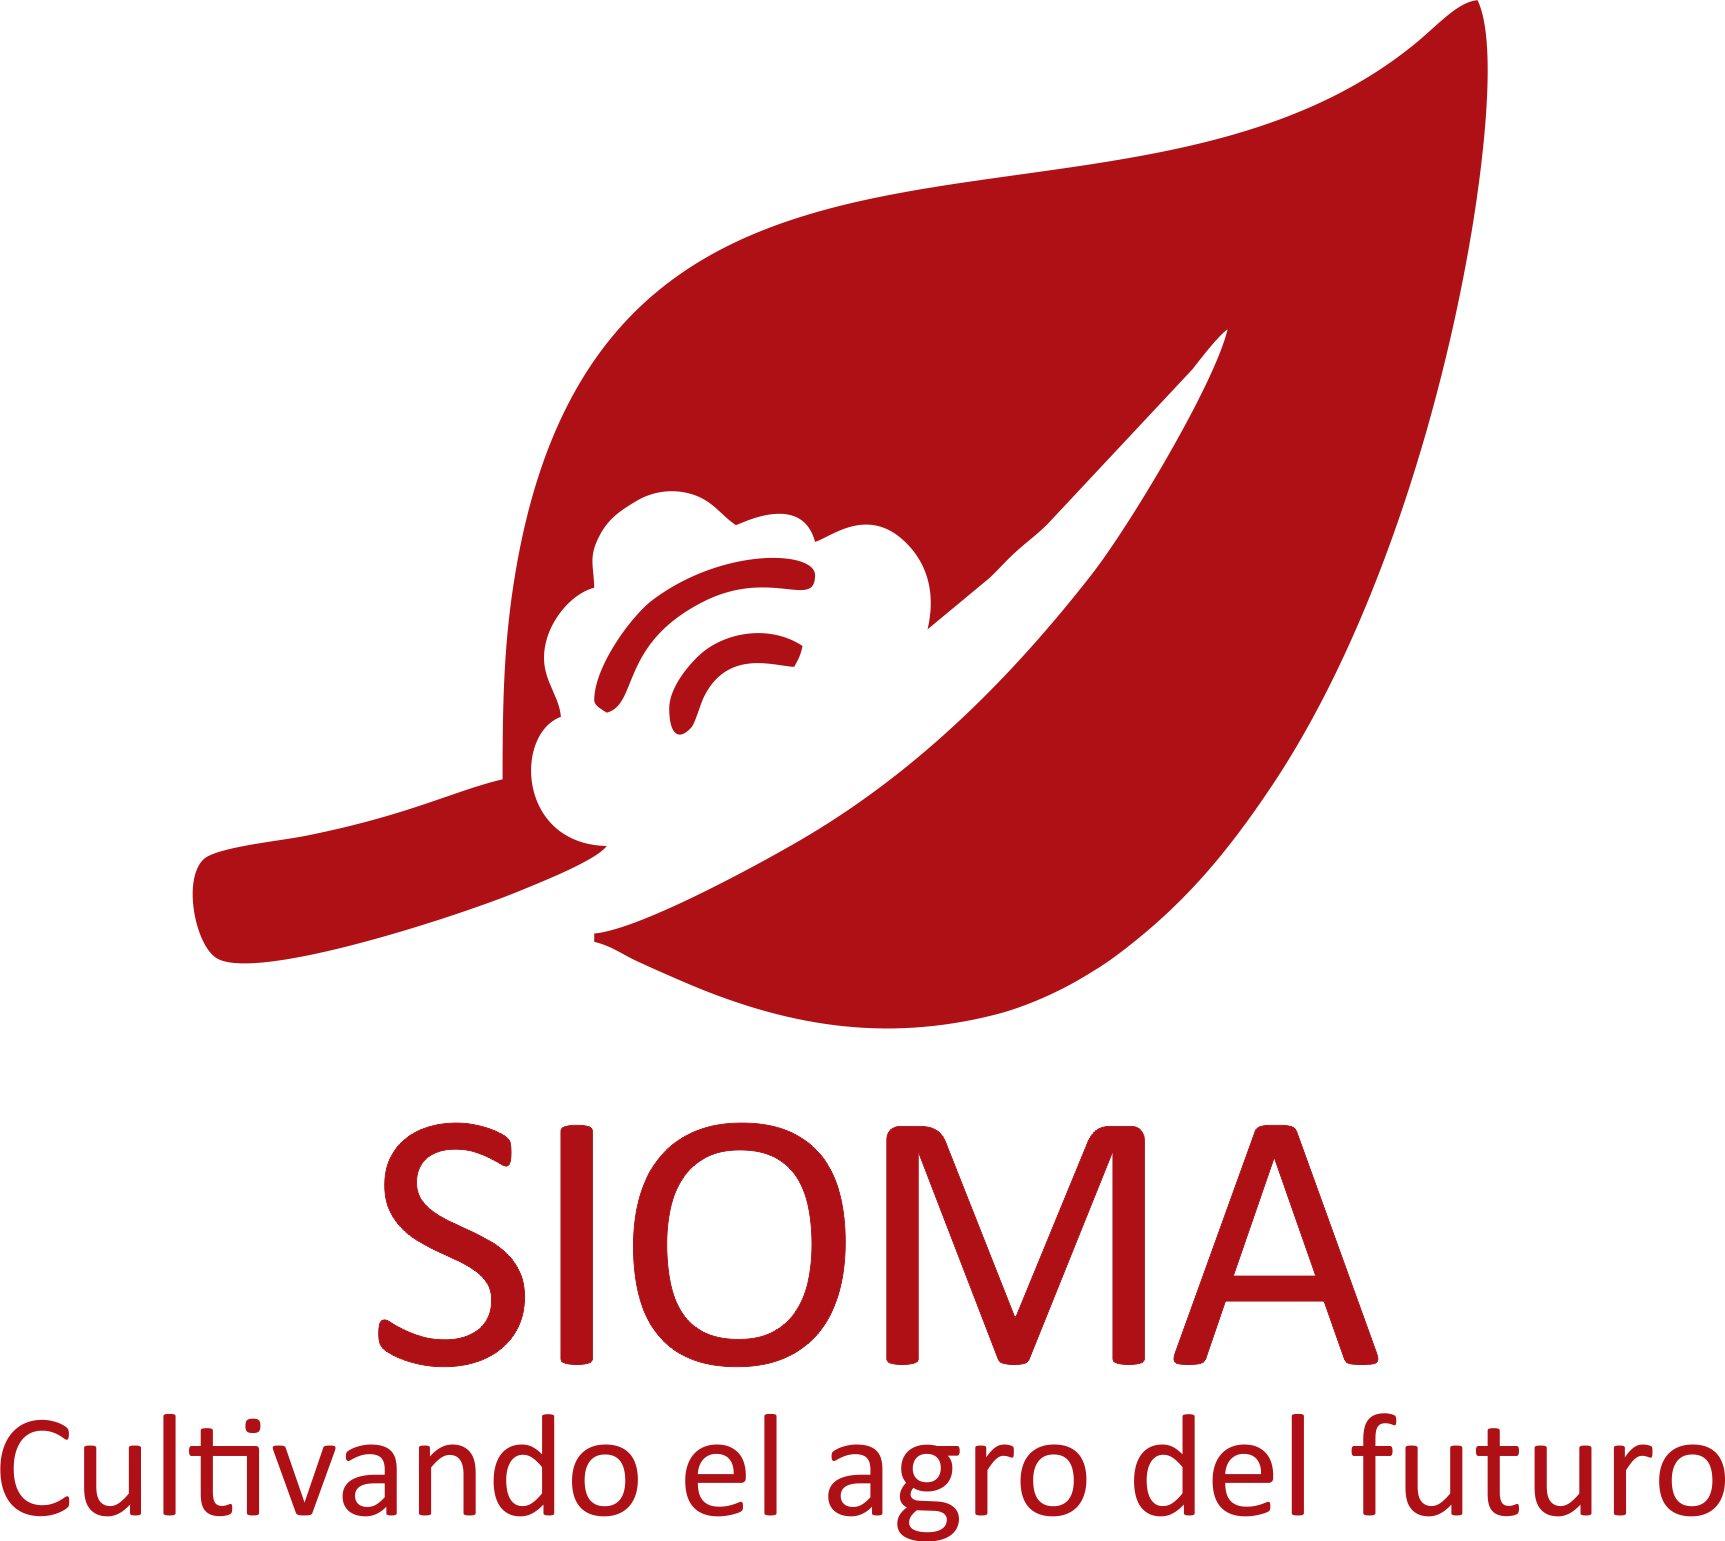 SIOMA SAS